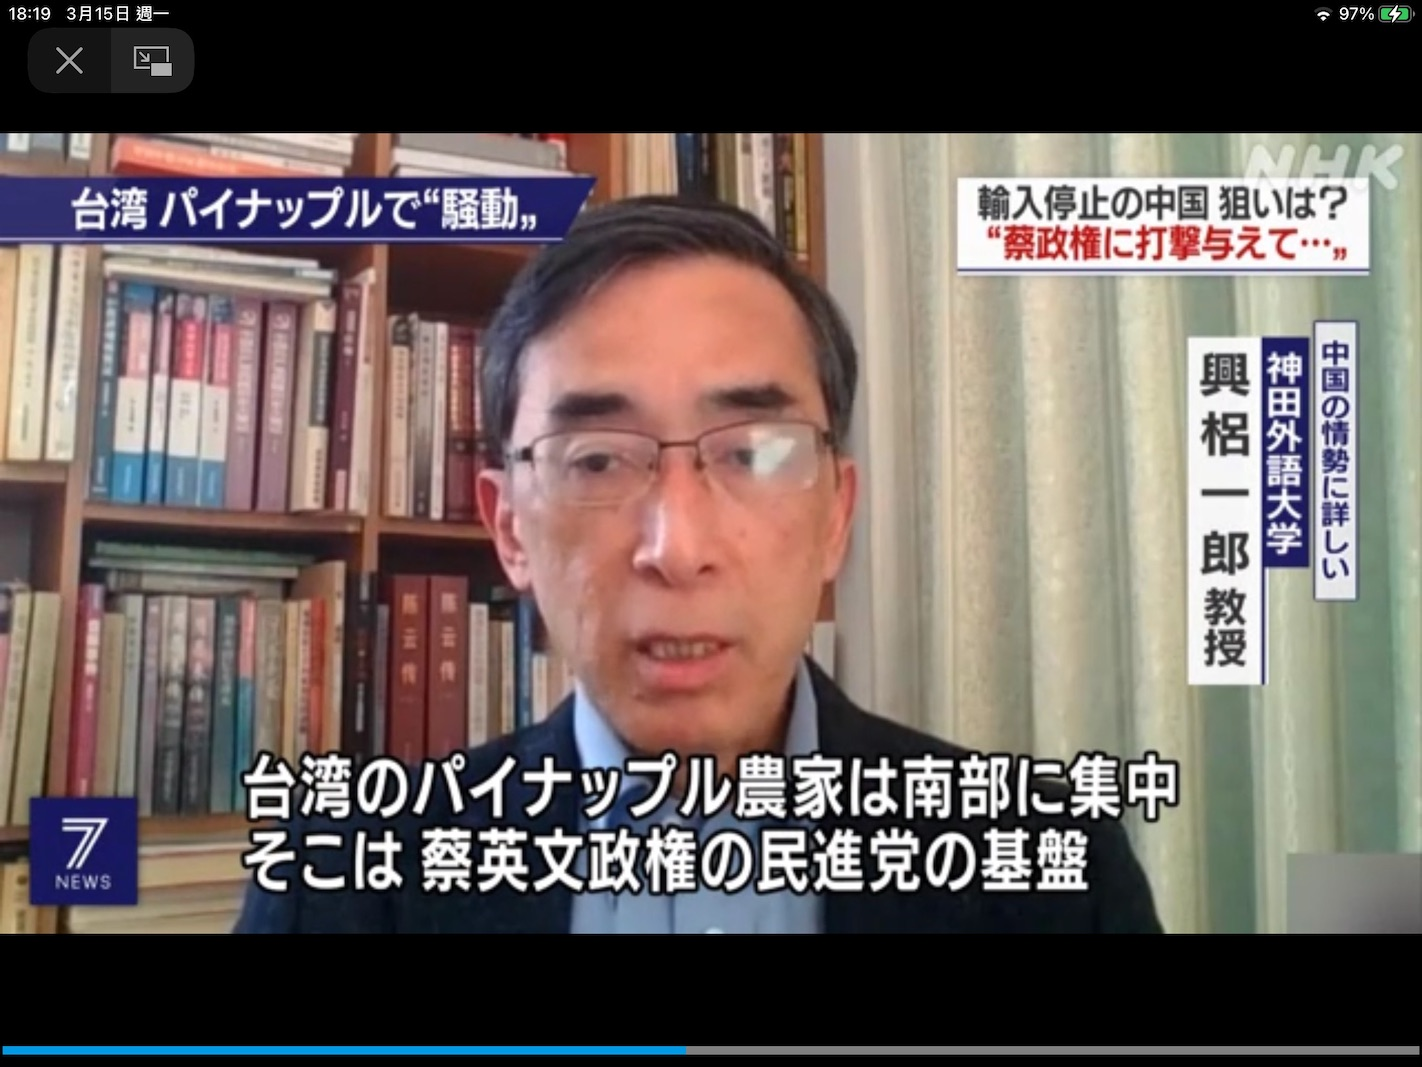 NHK新聞訪問日本學者也指出中國抵制台灣鳳梨是政治原因,因為鳳梨產地是支持蔡政府的台灣南部。 圖:攝自NHK